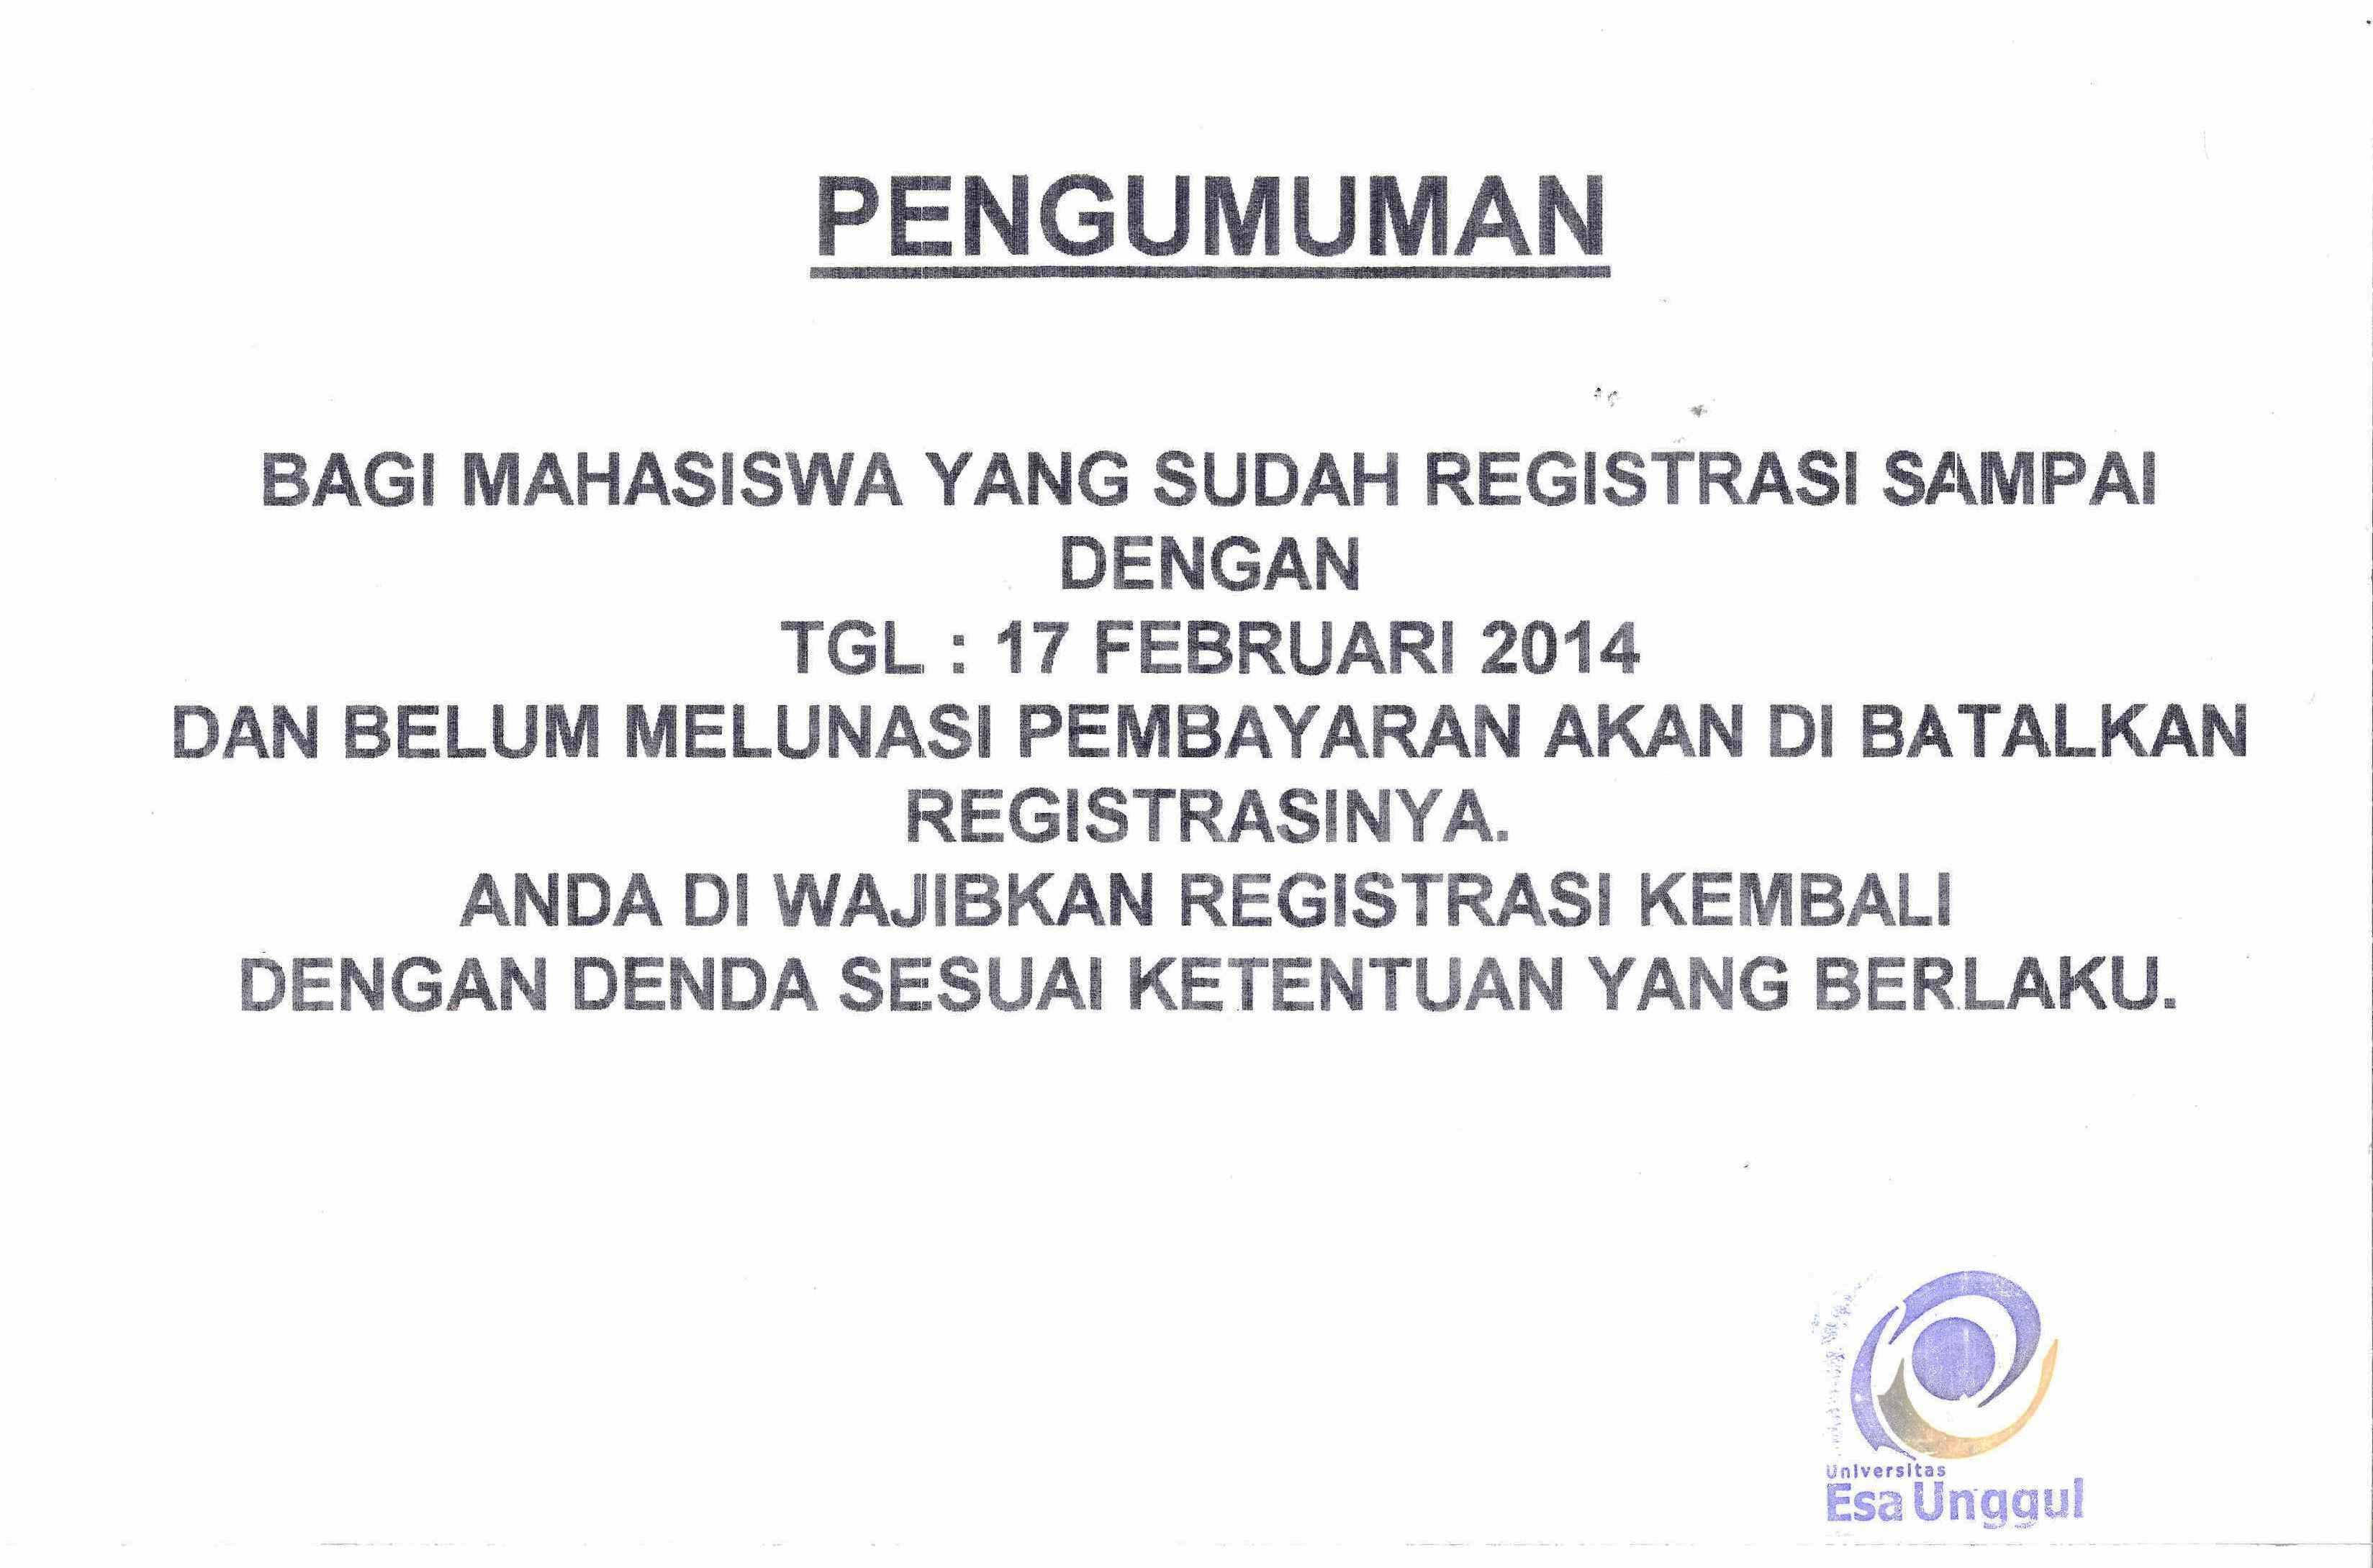 DAA: Mahasiswa yang sudah Registrasi s/d 17 Februari 2014 dan belum melunasi pembayaran akan dibatalkan registrasinya